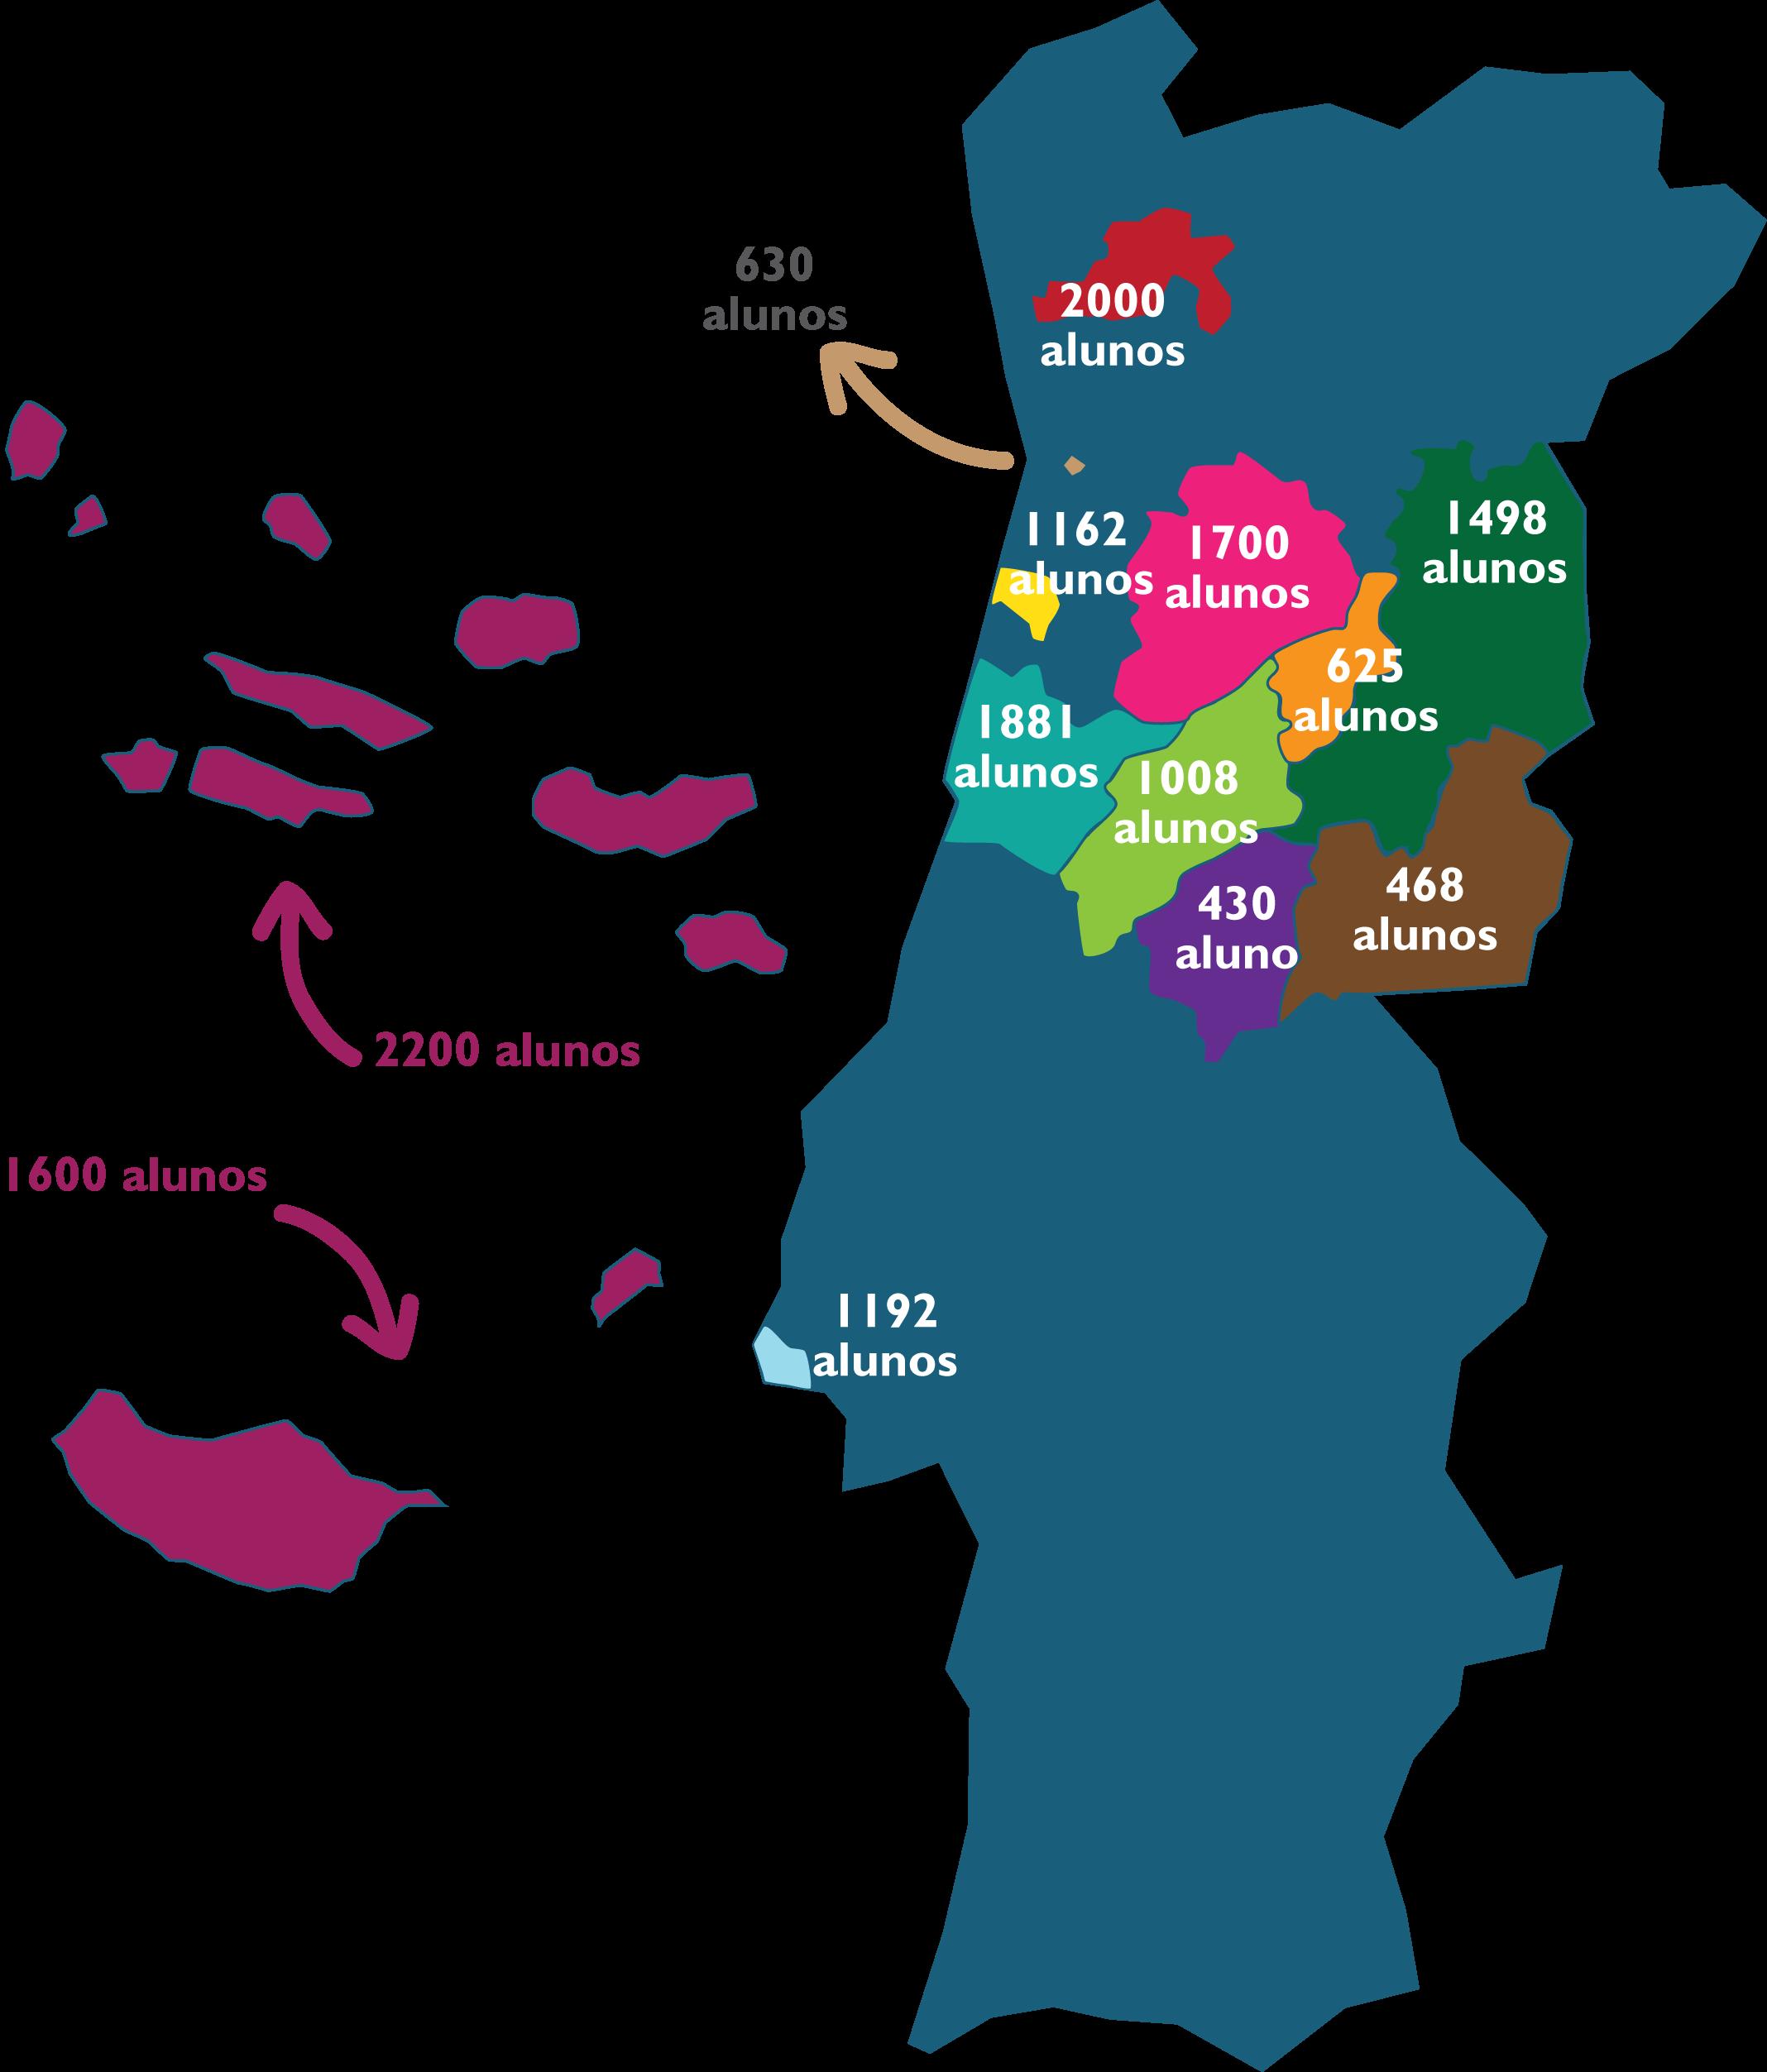 Mapa alunos e clientes